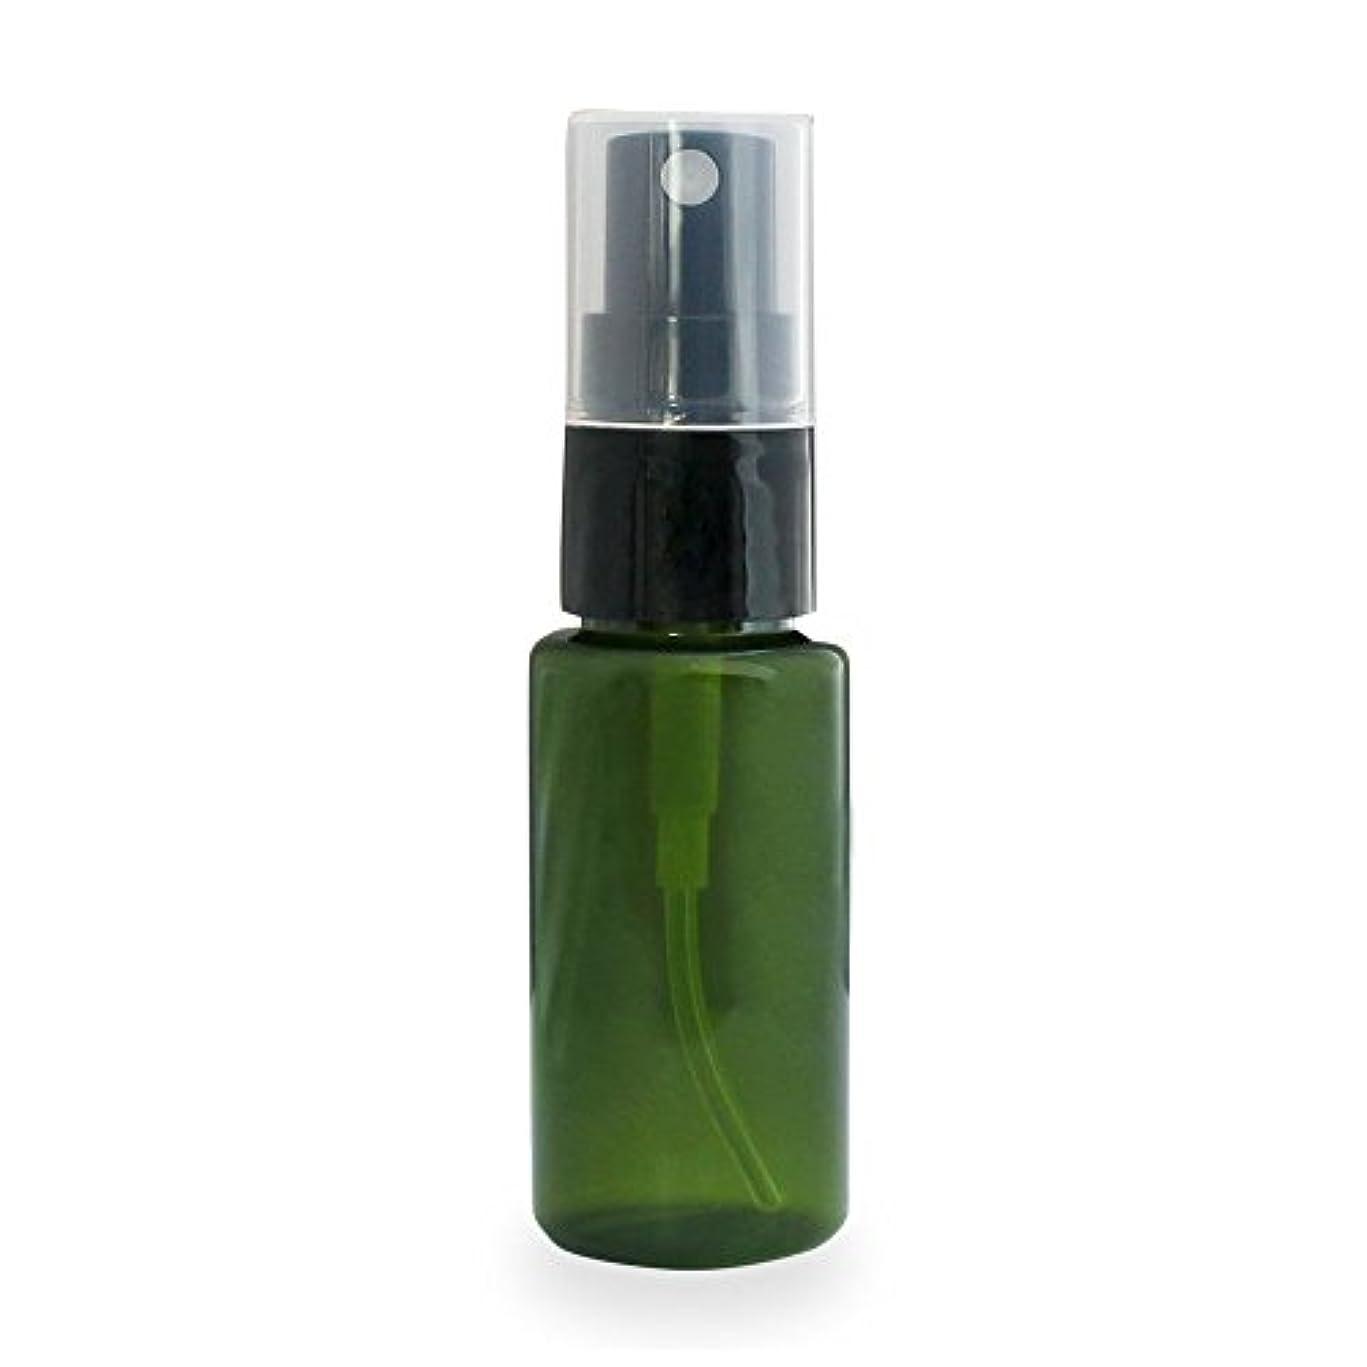 勢いランデブー禁止スプレーボトル30ml(グリーン)(プラスチック容器 オイル用空瓶 プラスチック製-PET 空ボトル アロマスプレー)